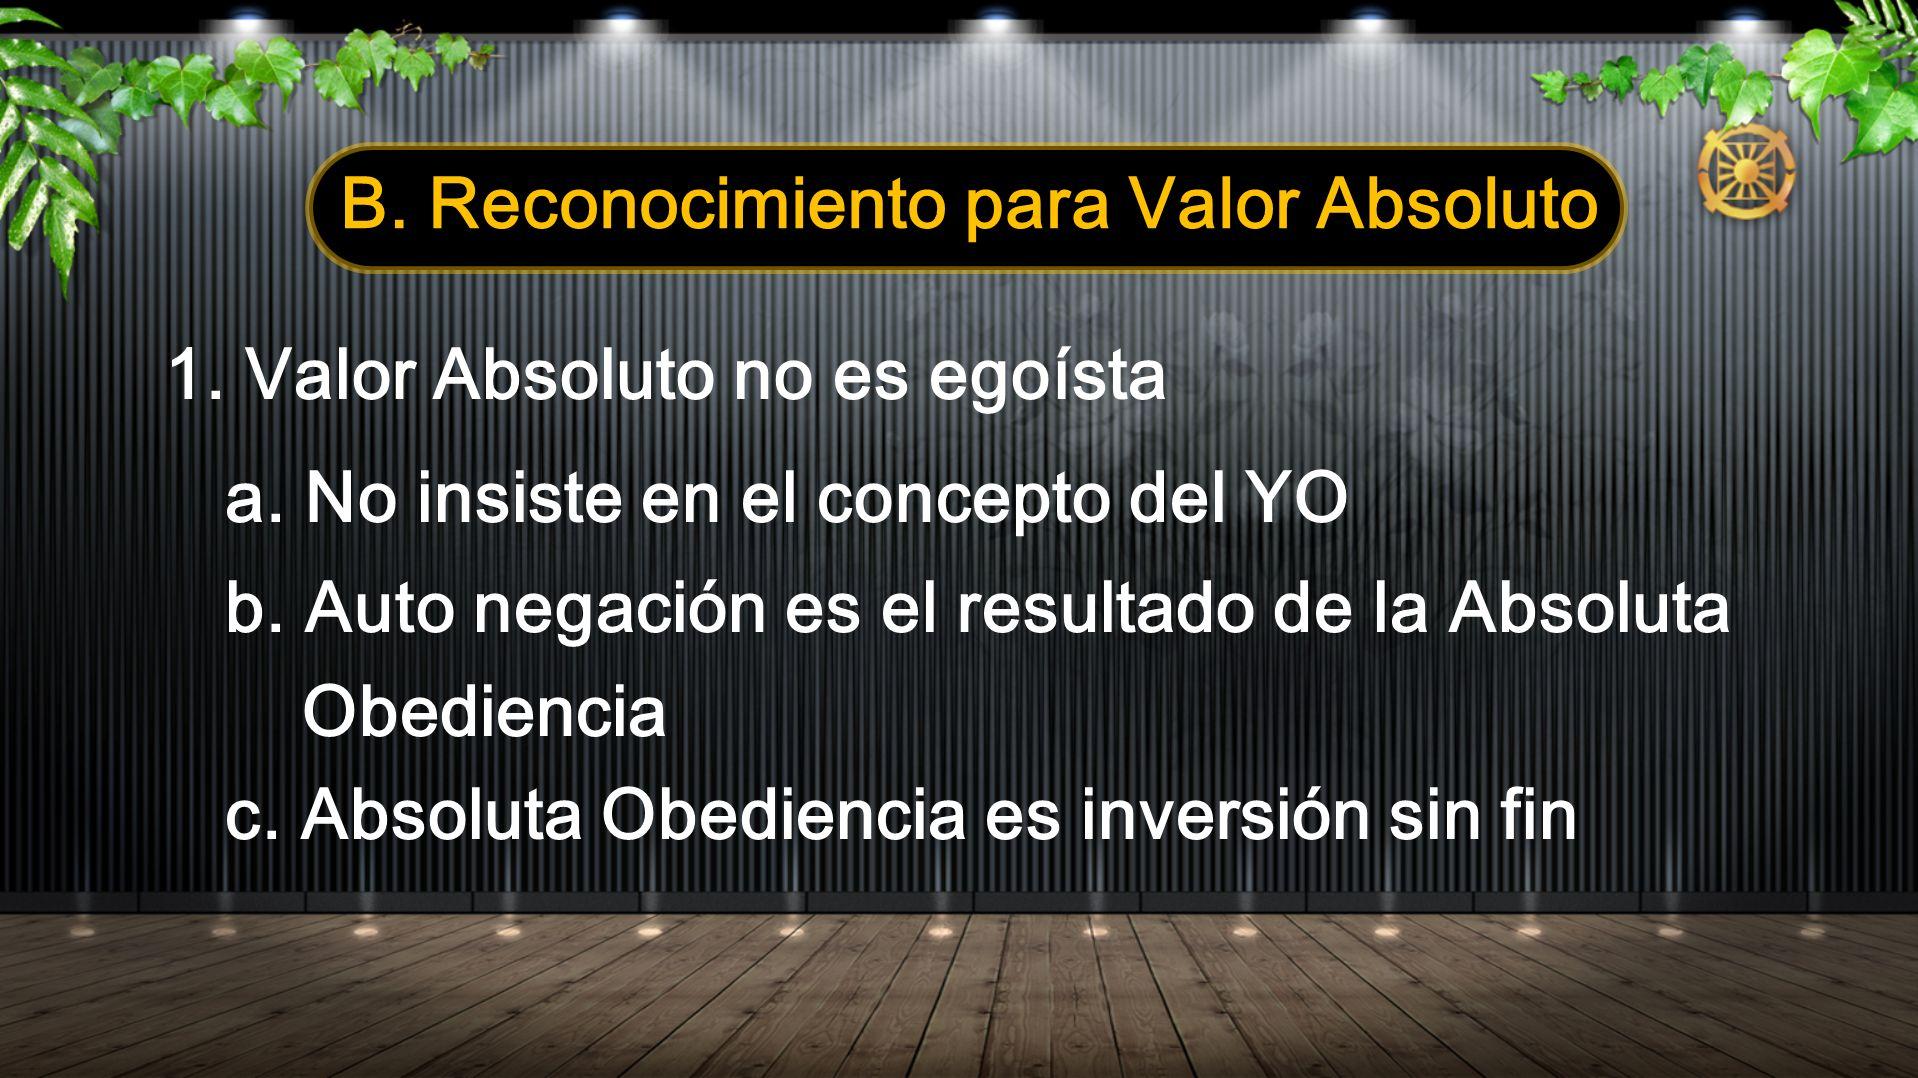 B. Reconocimiento para Valor Absoluto 1. Valor Absoluto no es egoísta a. No insiste en el concepto del YO b. Auto negación es el resultado de la Absol